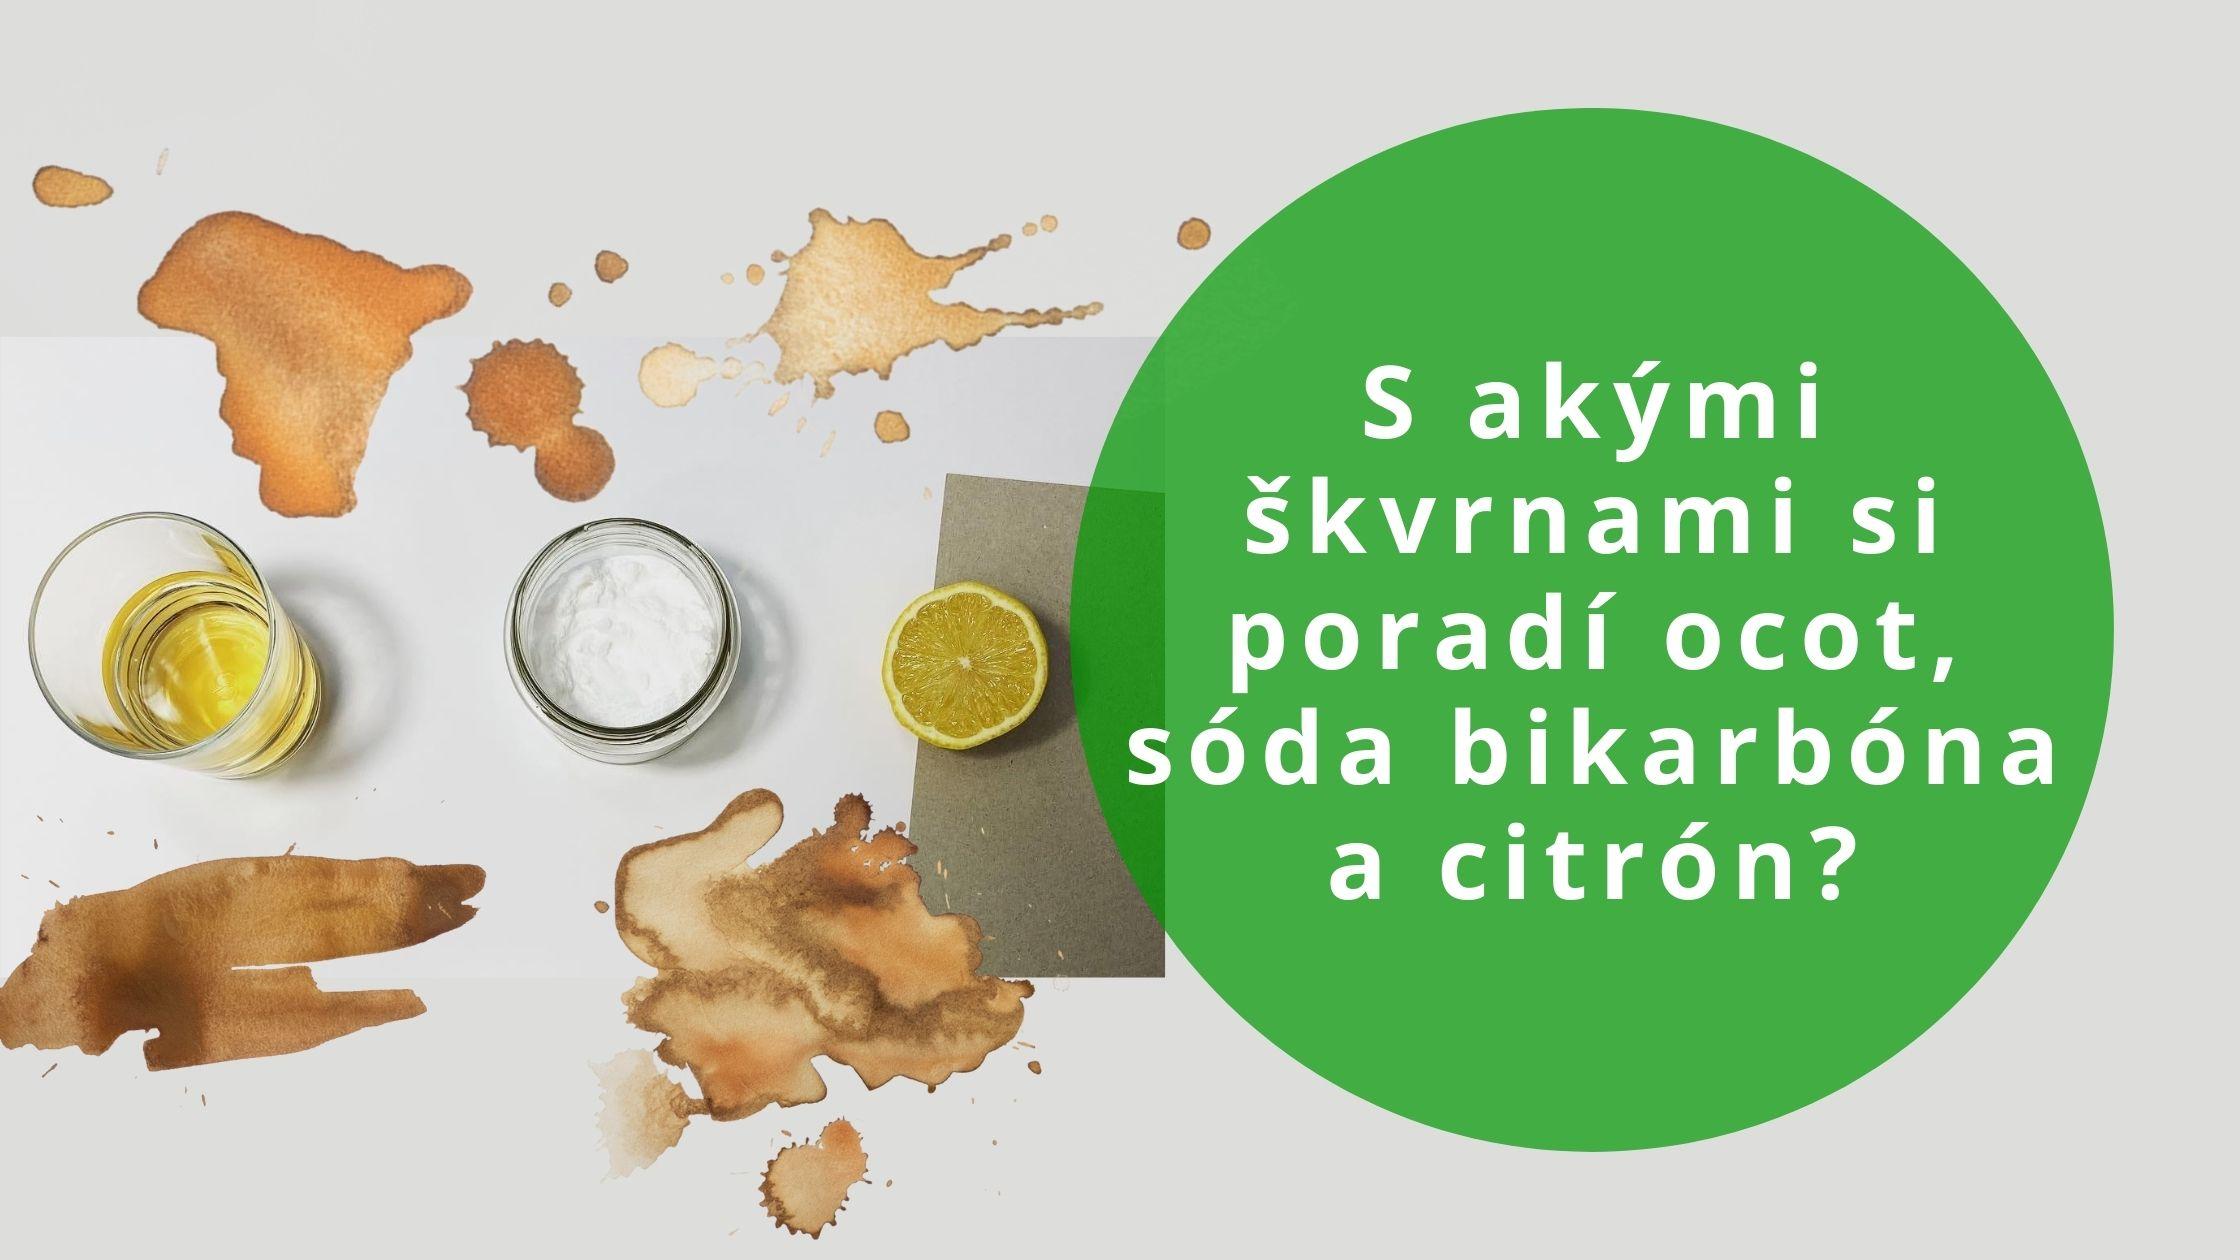 S akými škvrnami si poradí ocot, sóda bikarbóna a citrón?